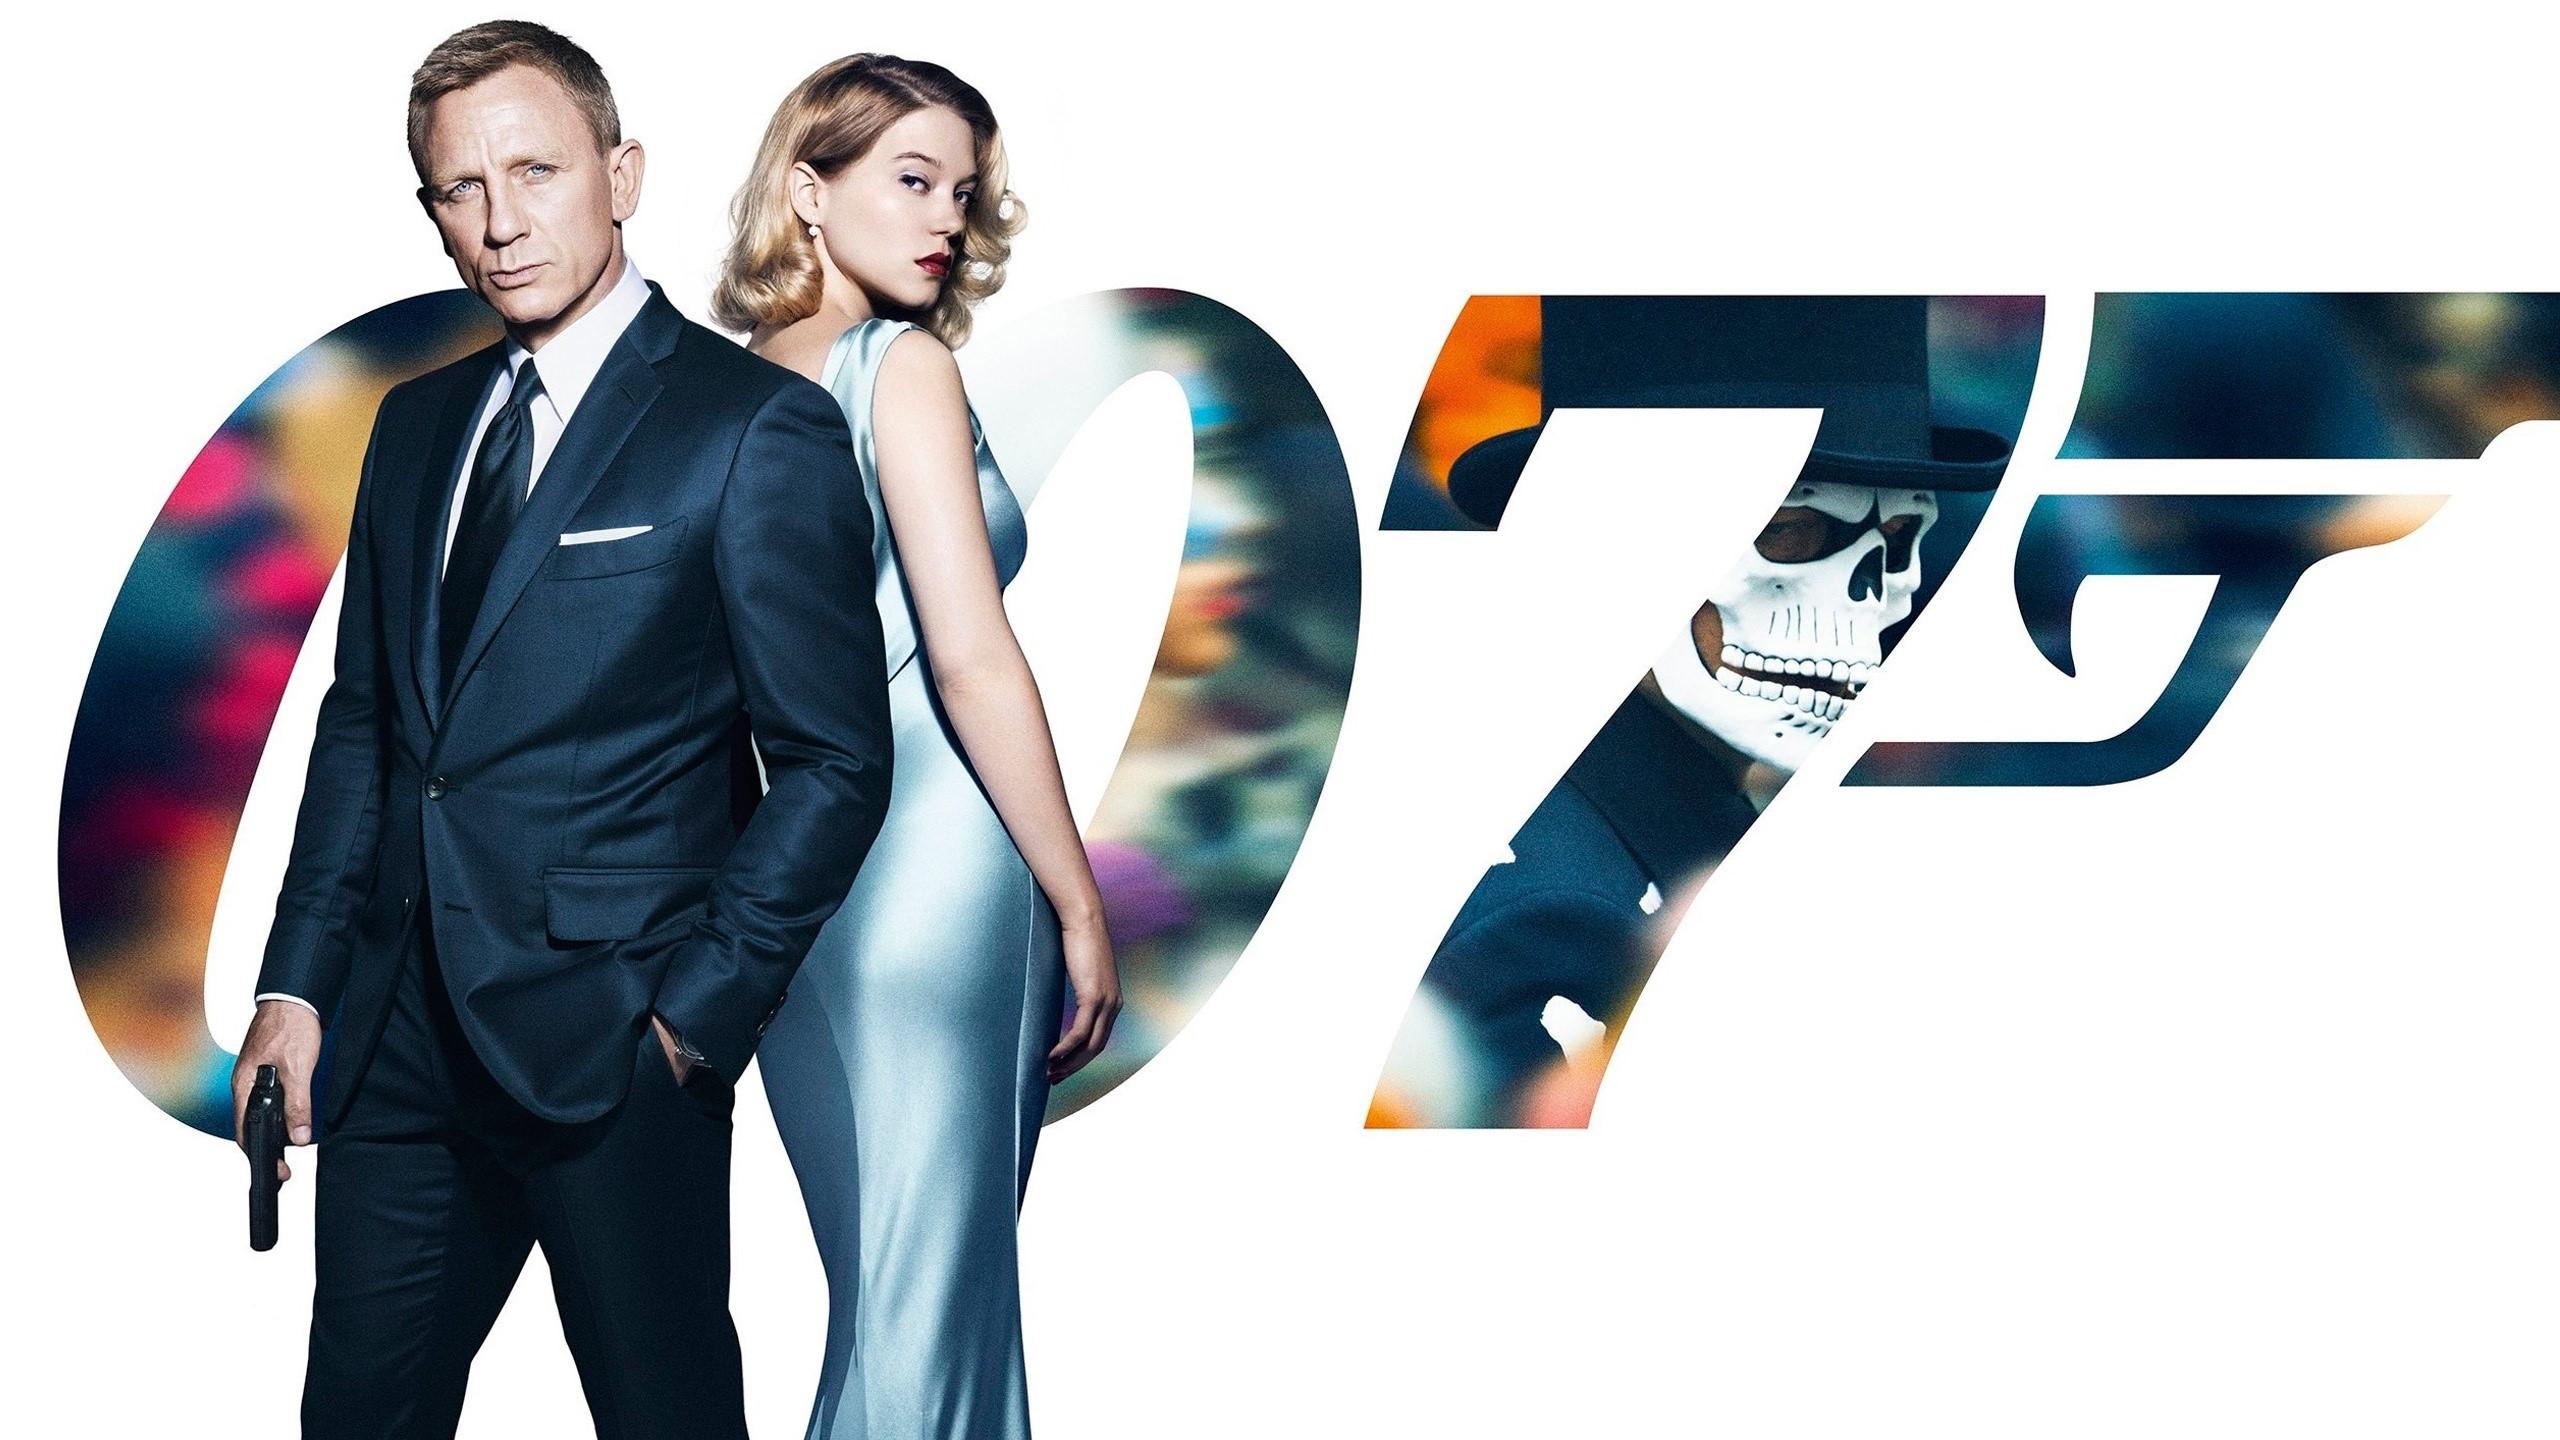 Fondo de pantalla de Daniel Craig y Léa Seydoux en Spectre Imágenes